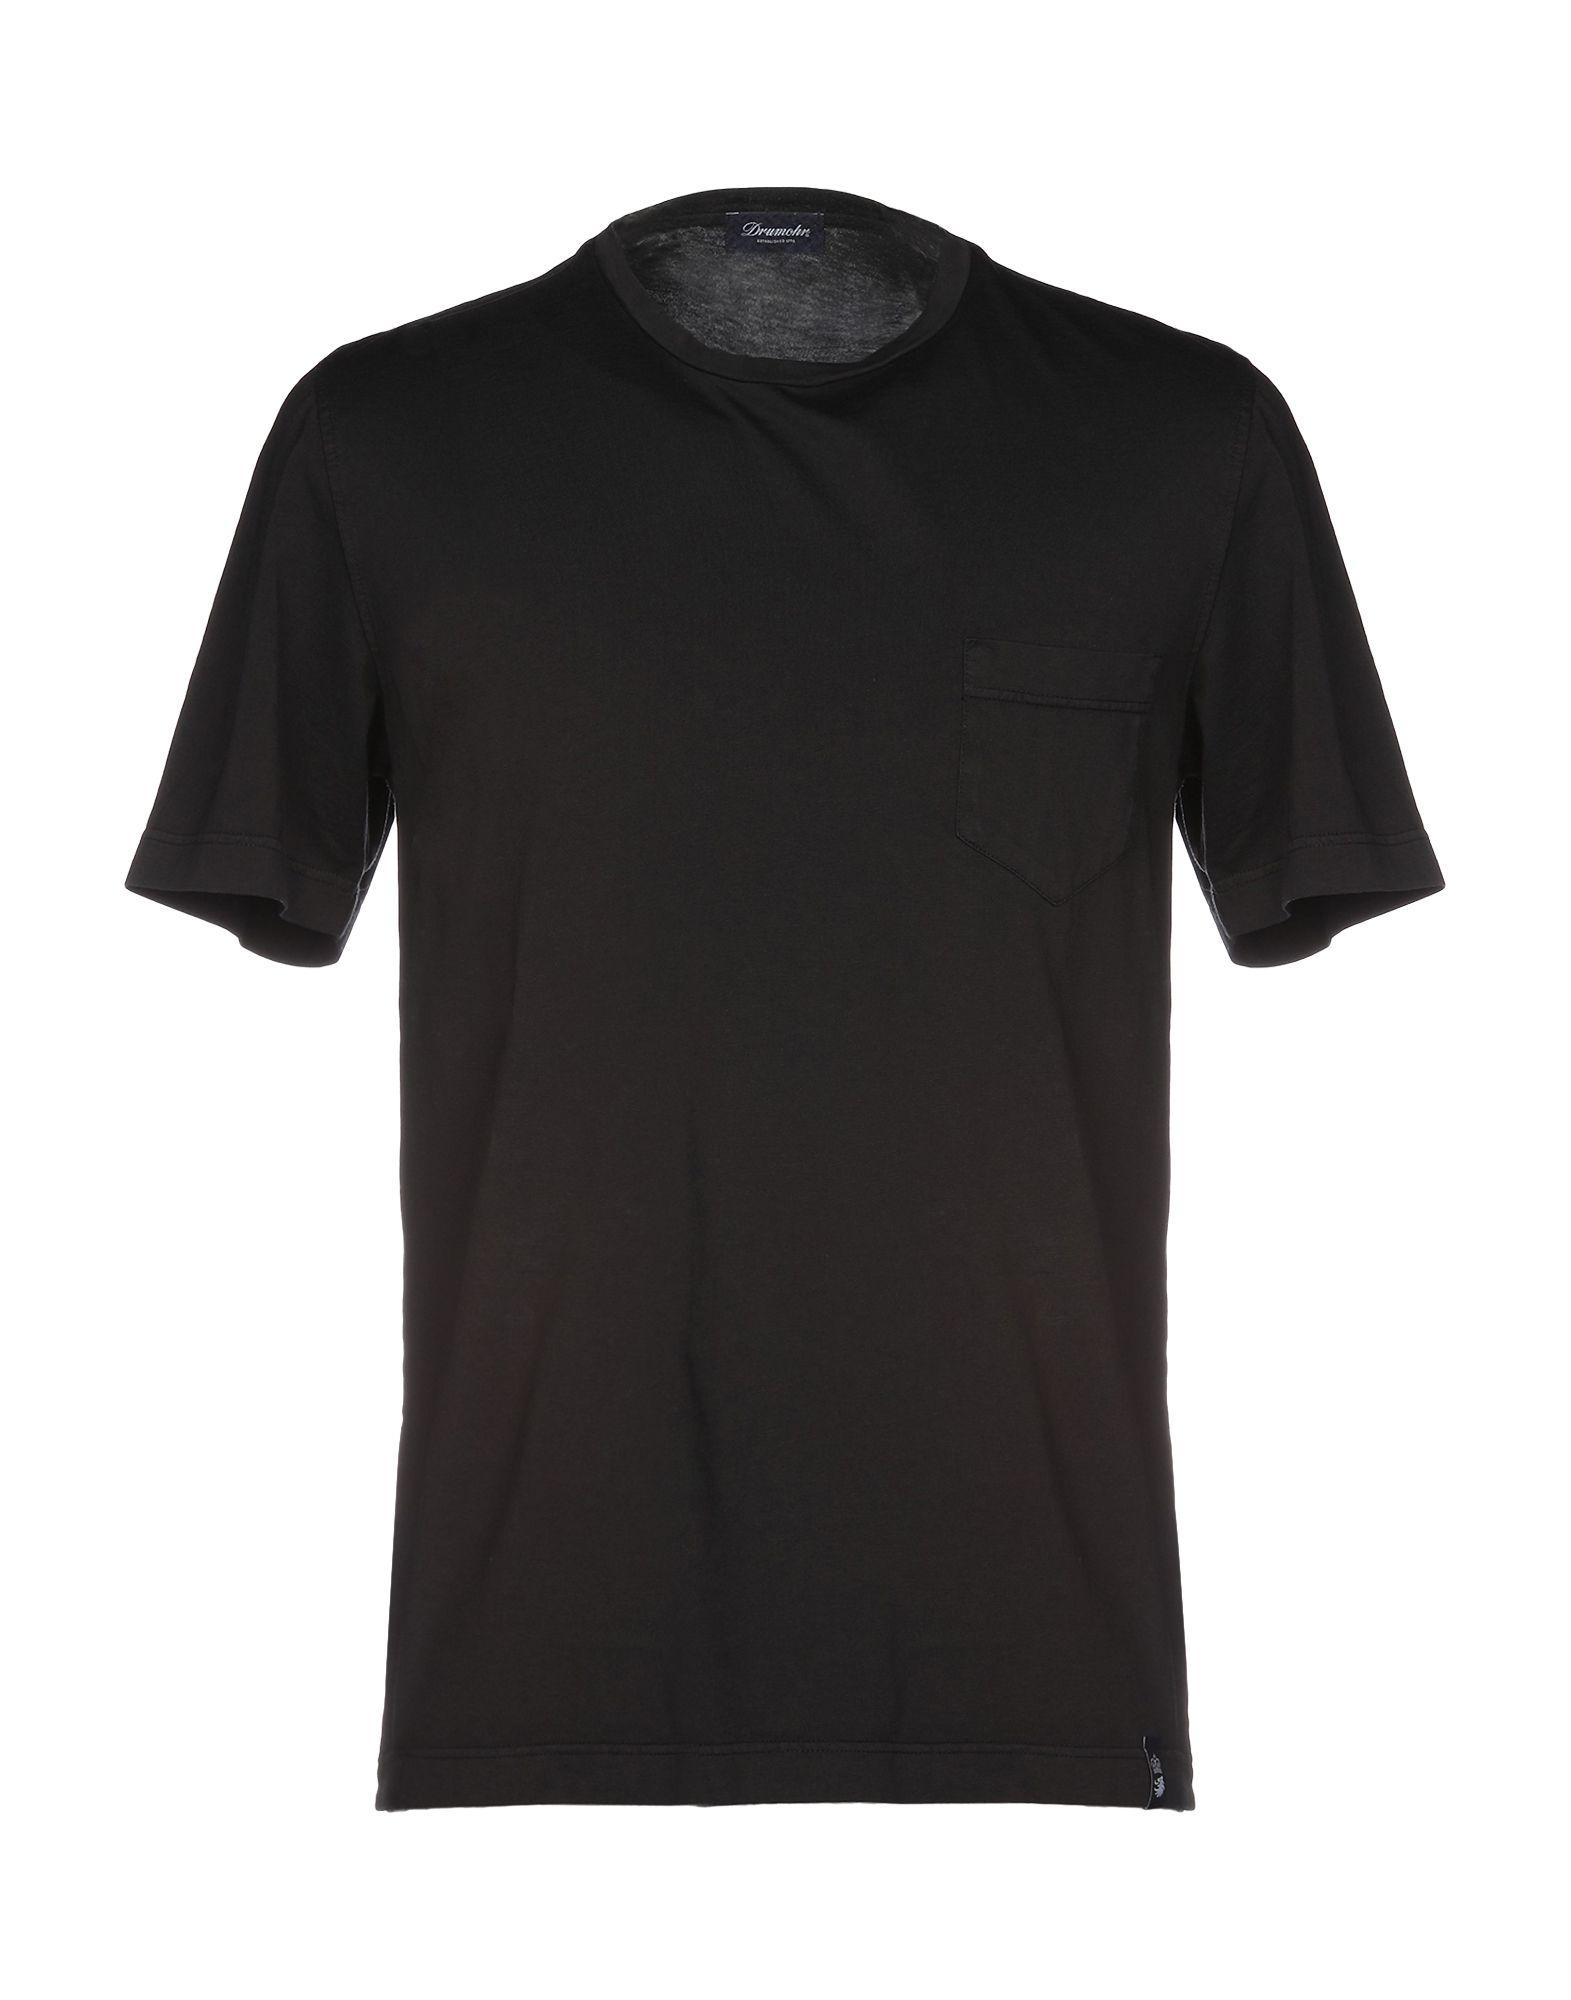 《送料無料》DRUMOHR メンズ T シャツ ブラック L コットン 100%